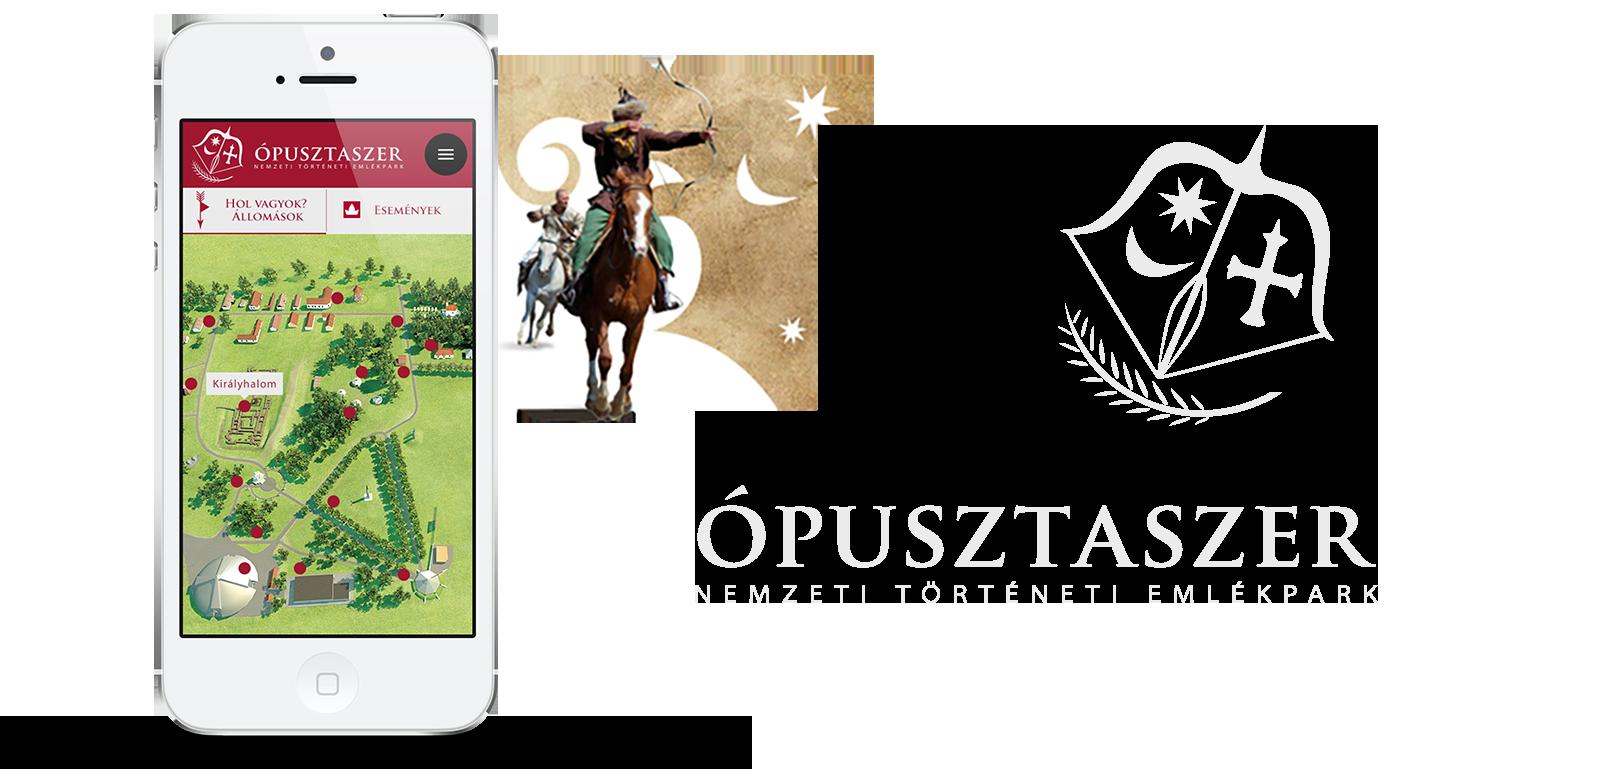 Az interaktív kiállítás projekthez kapcsolódó mobil aplikáció látványterve